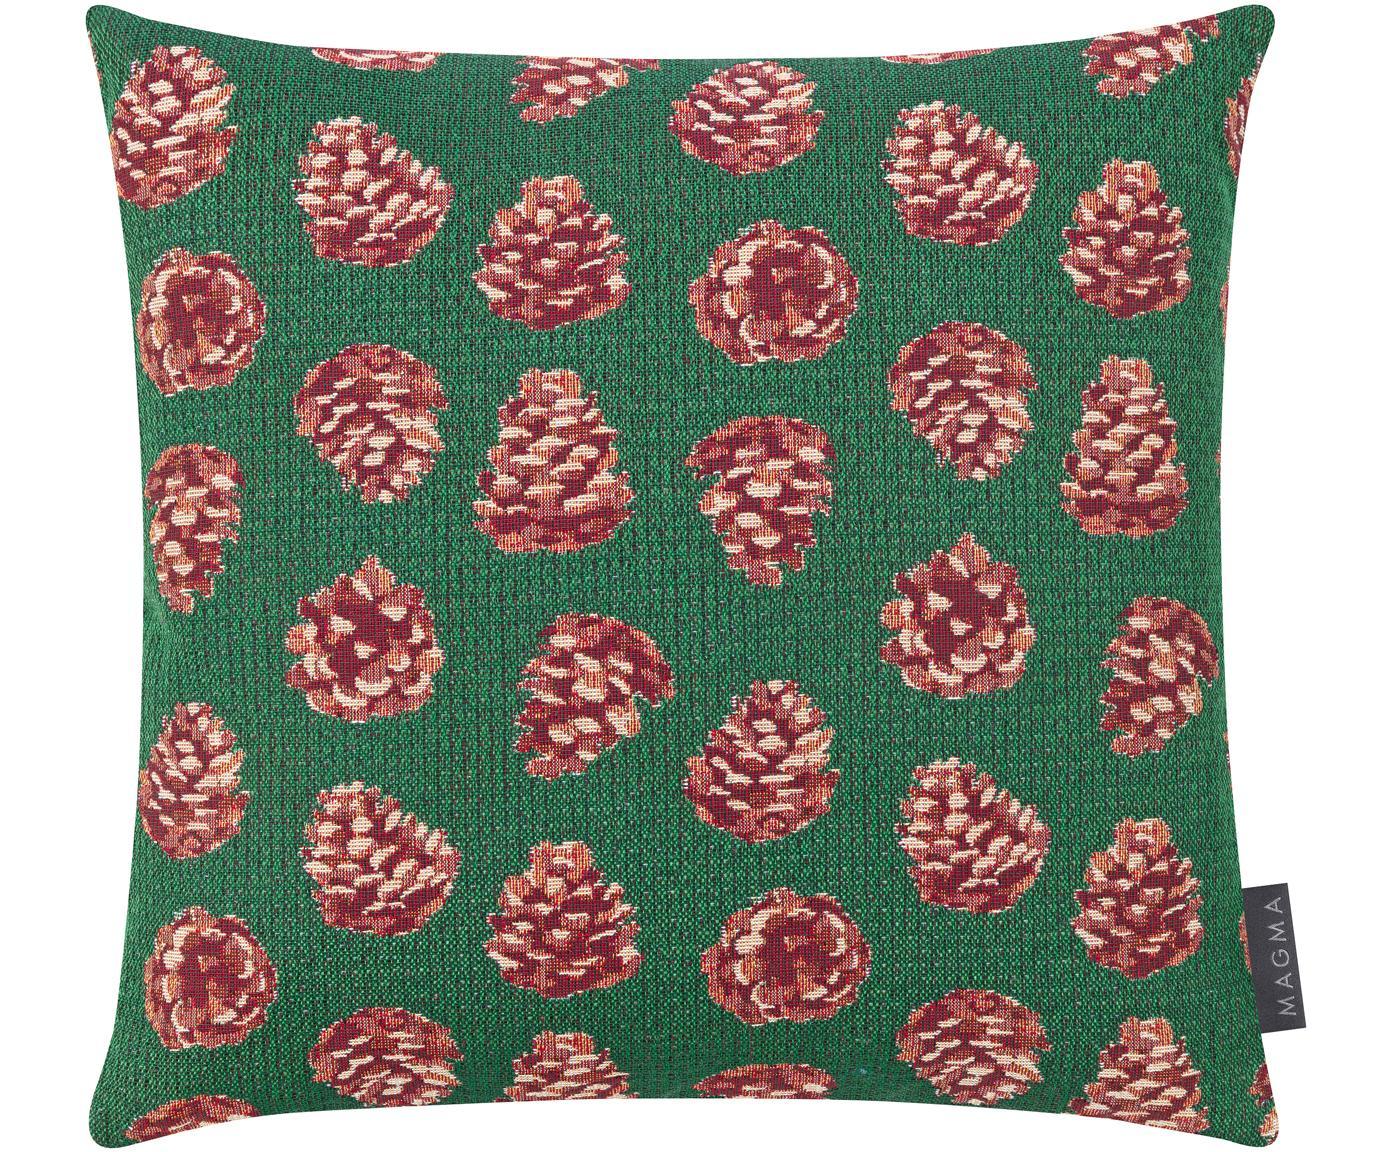 Kussenhoes Alvin met winterse motieven, Weeftechniek: jacquard, Groen, rood, beige, 40 x 40 cm